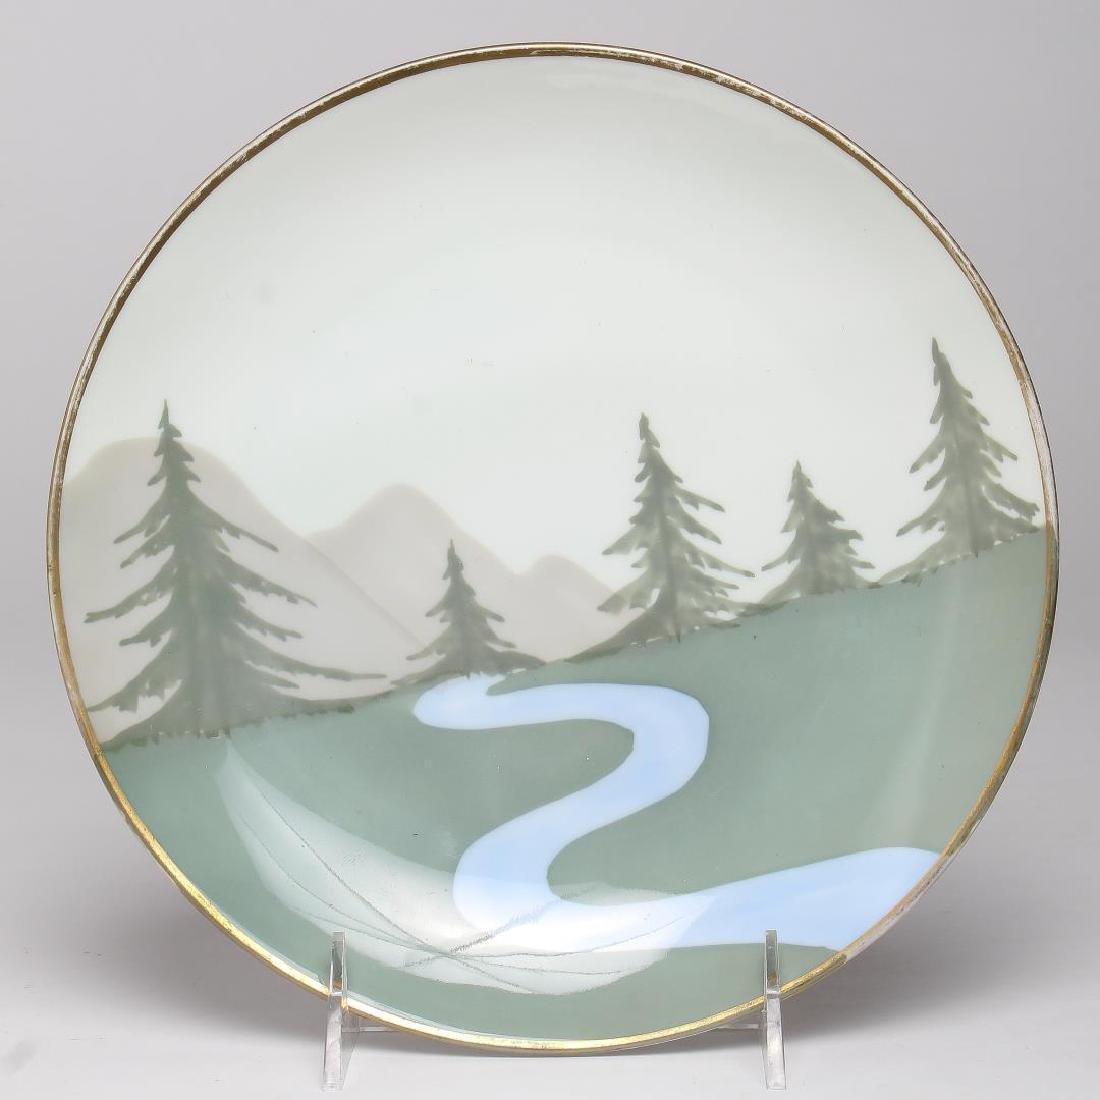 German Porcelain Decorative Wall Plaque